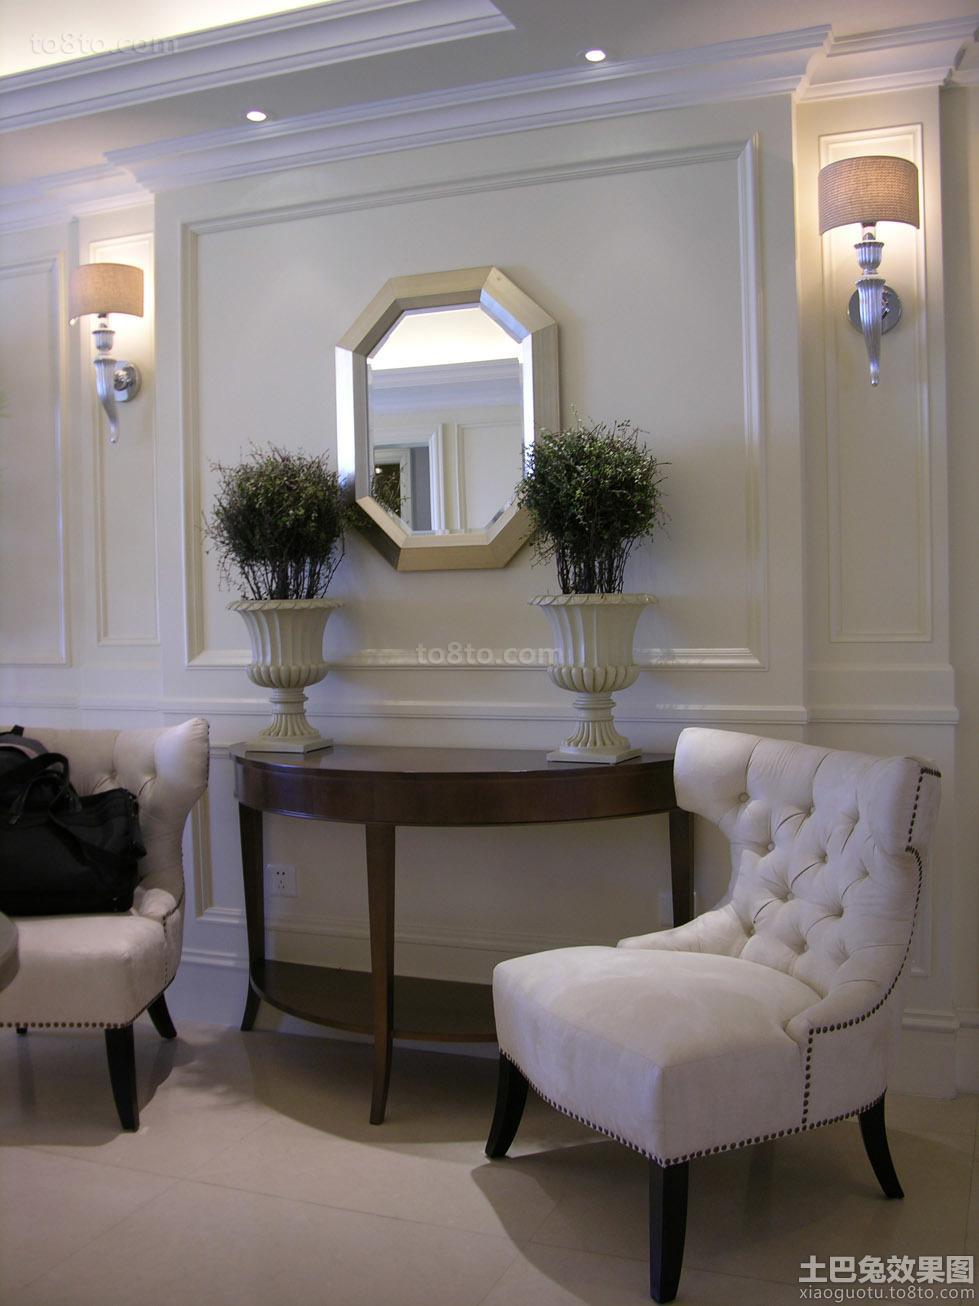 欧式室内休闲沙发椅图片